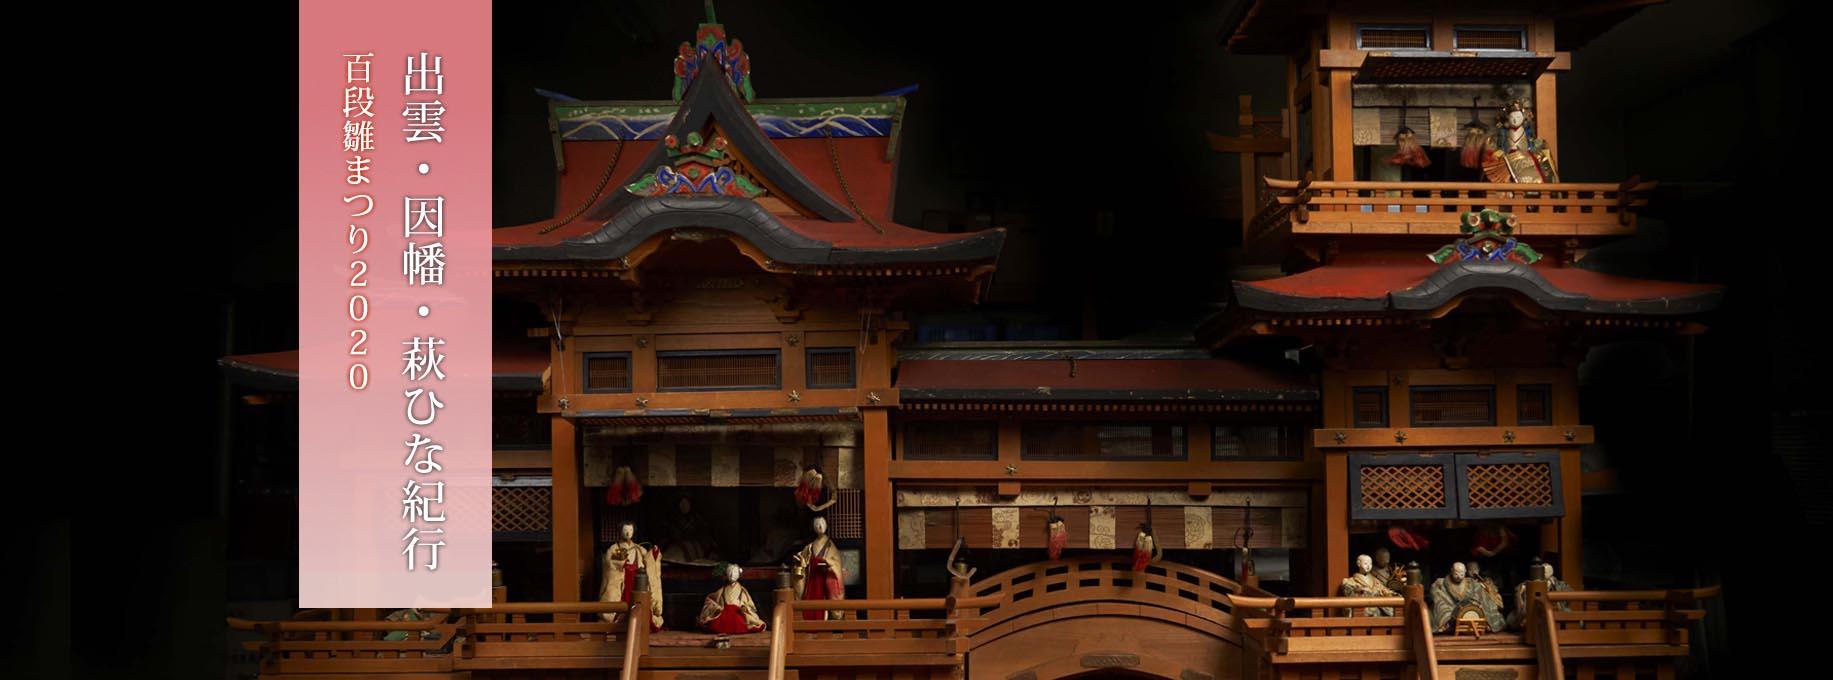 御殿飾り/米子市立山陰歴史館所蔵 鳥取・米子